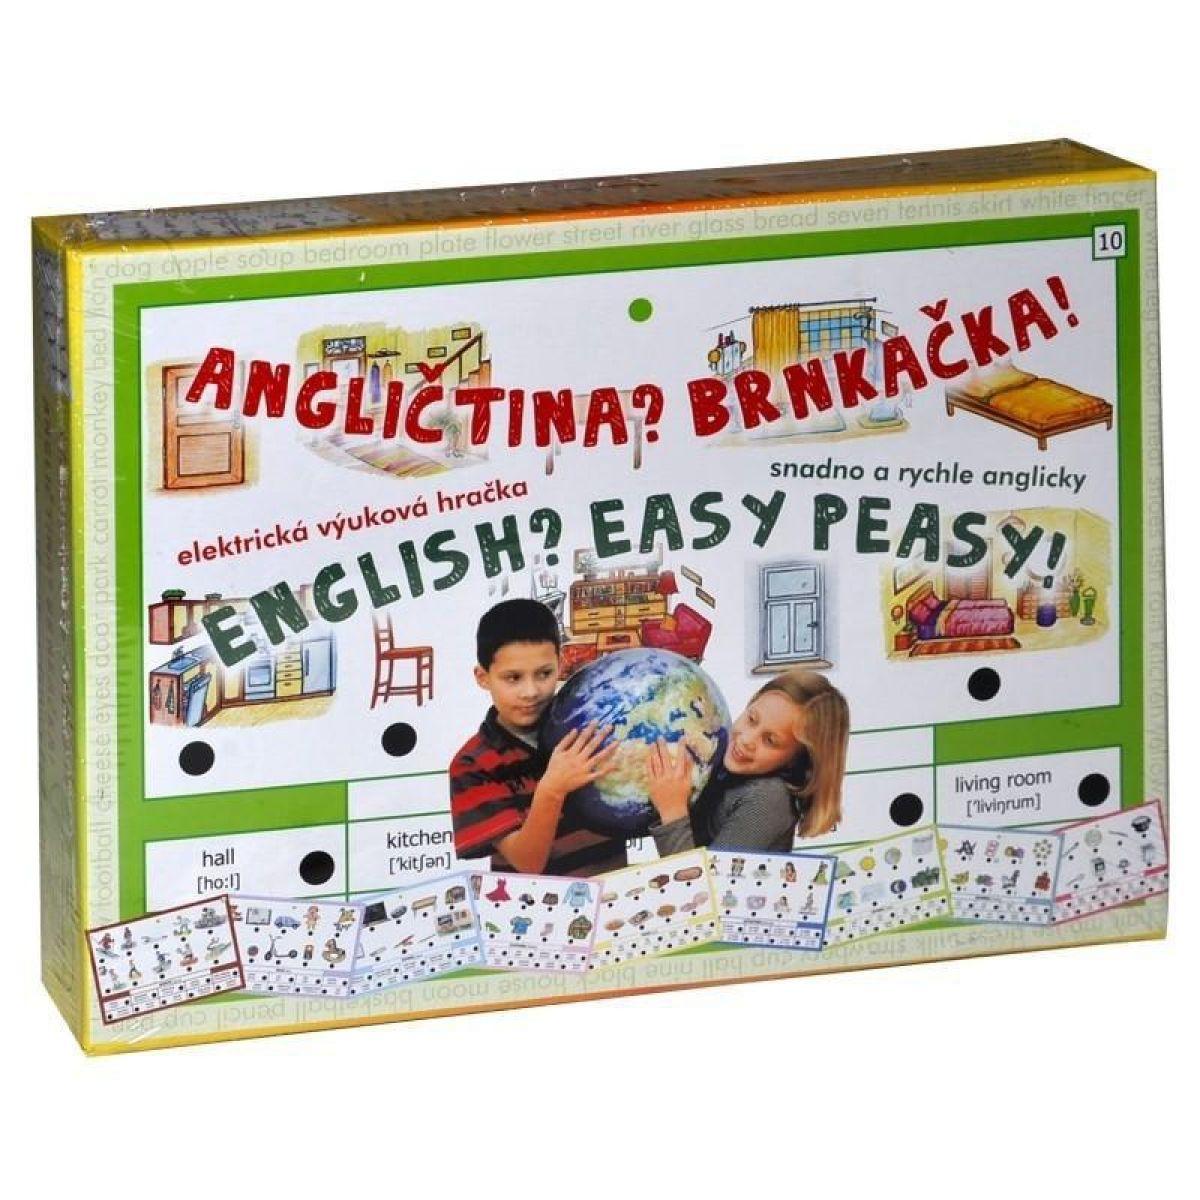 Svoboda Angličtina Brnkačka! elektrická výuková hračka